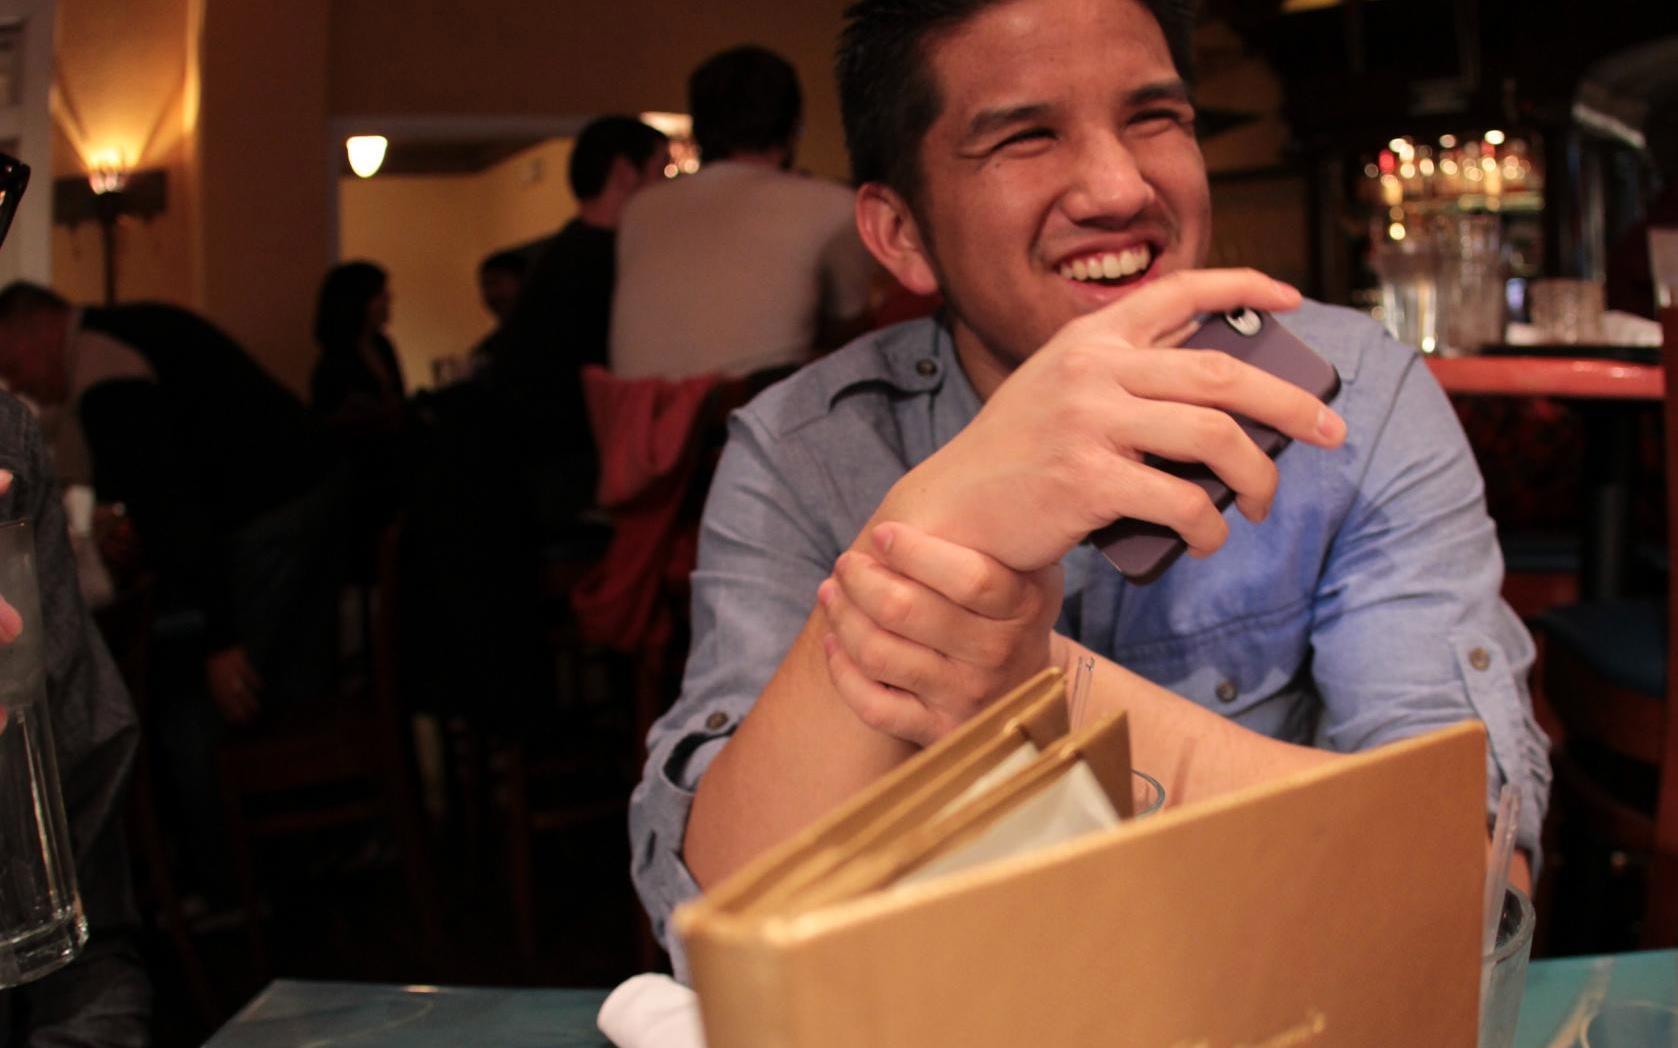 Darren Isomoto